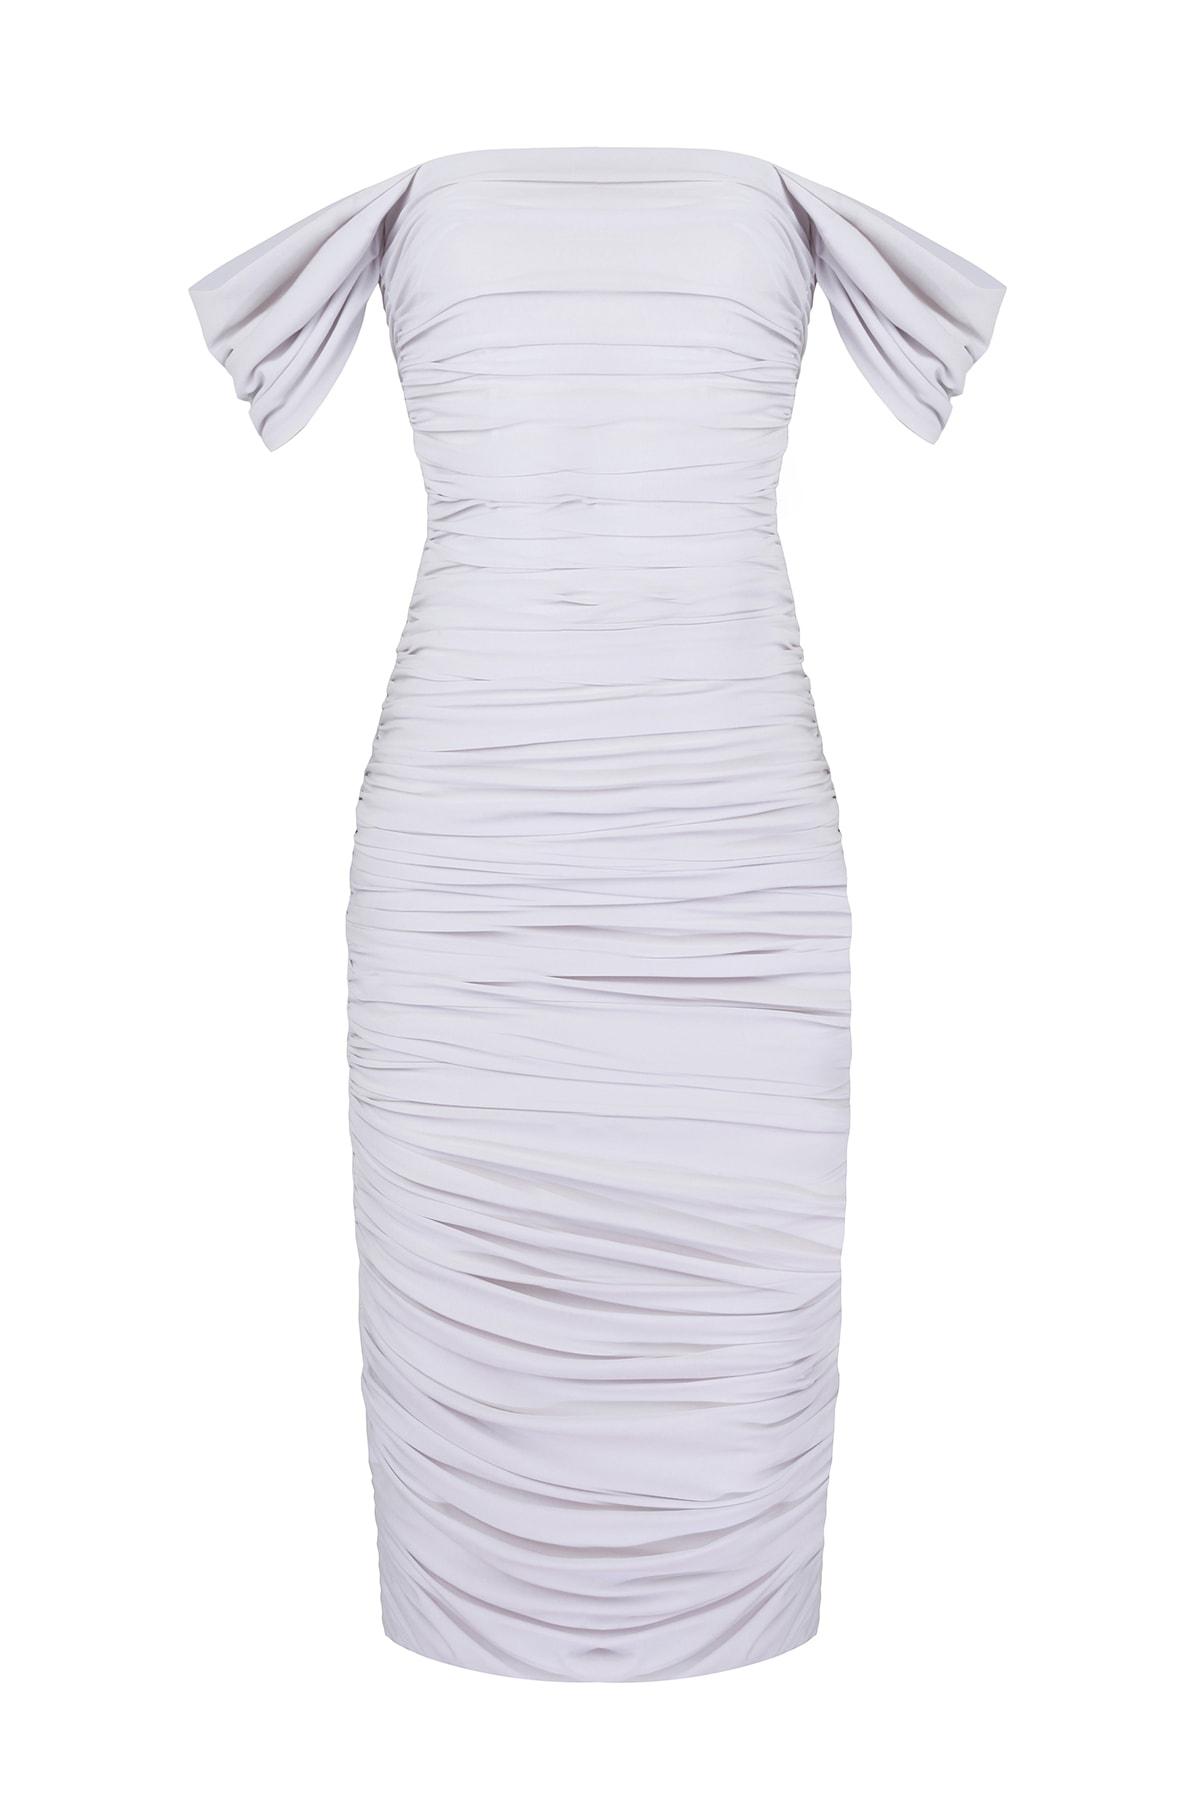 Whenever Company Kadın Beyaz Drapeli Bridal Düşük Kollu Elbise 1